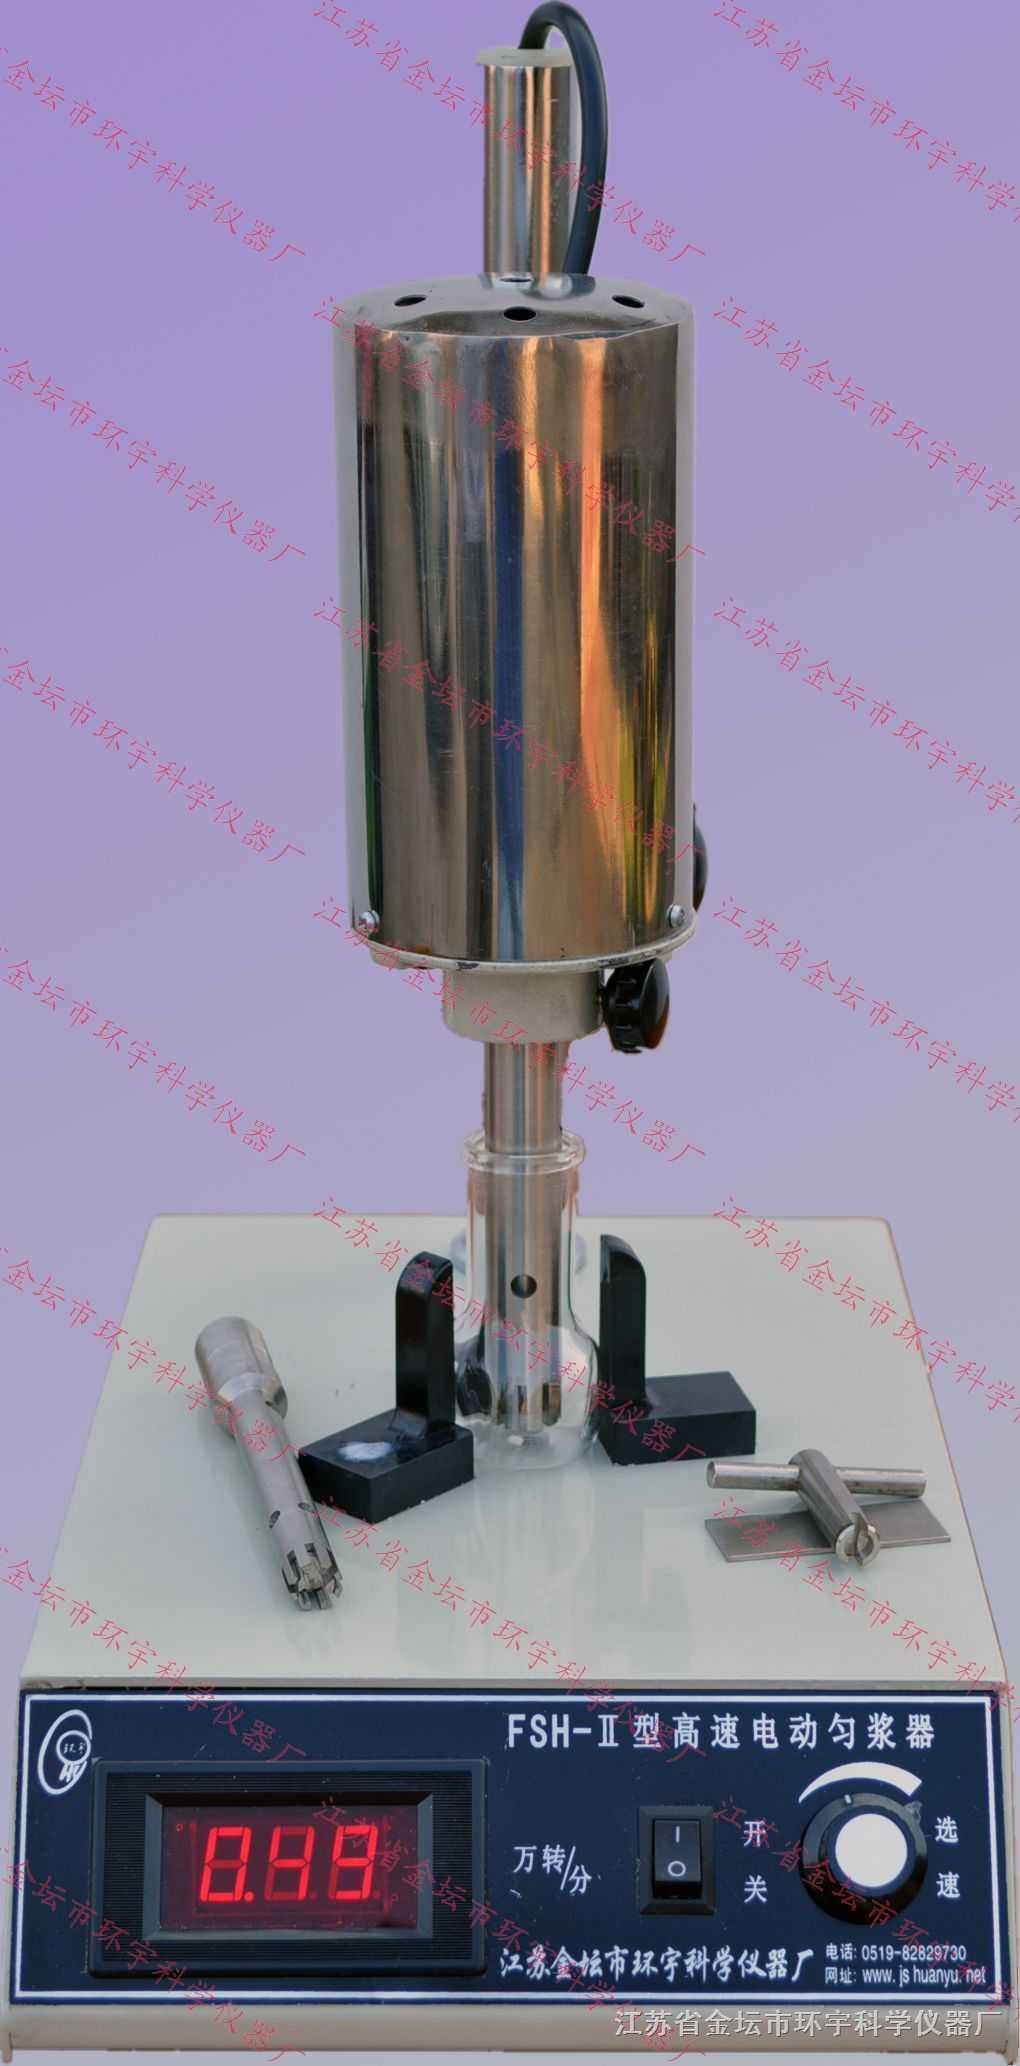 FSH-2型高速匀浆器